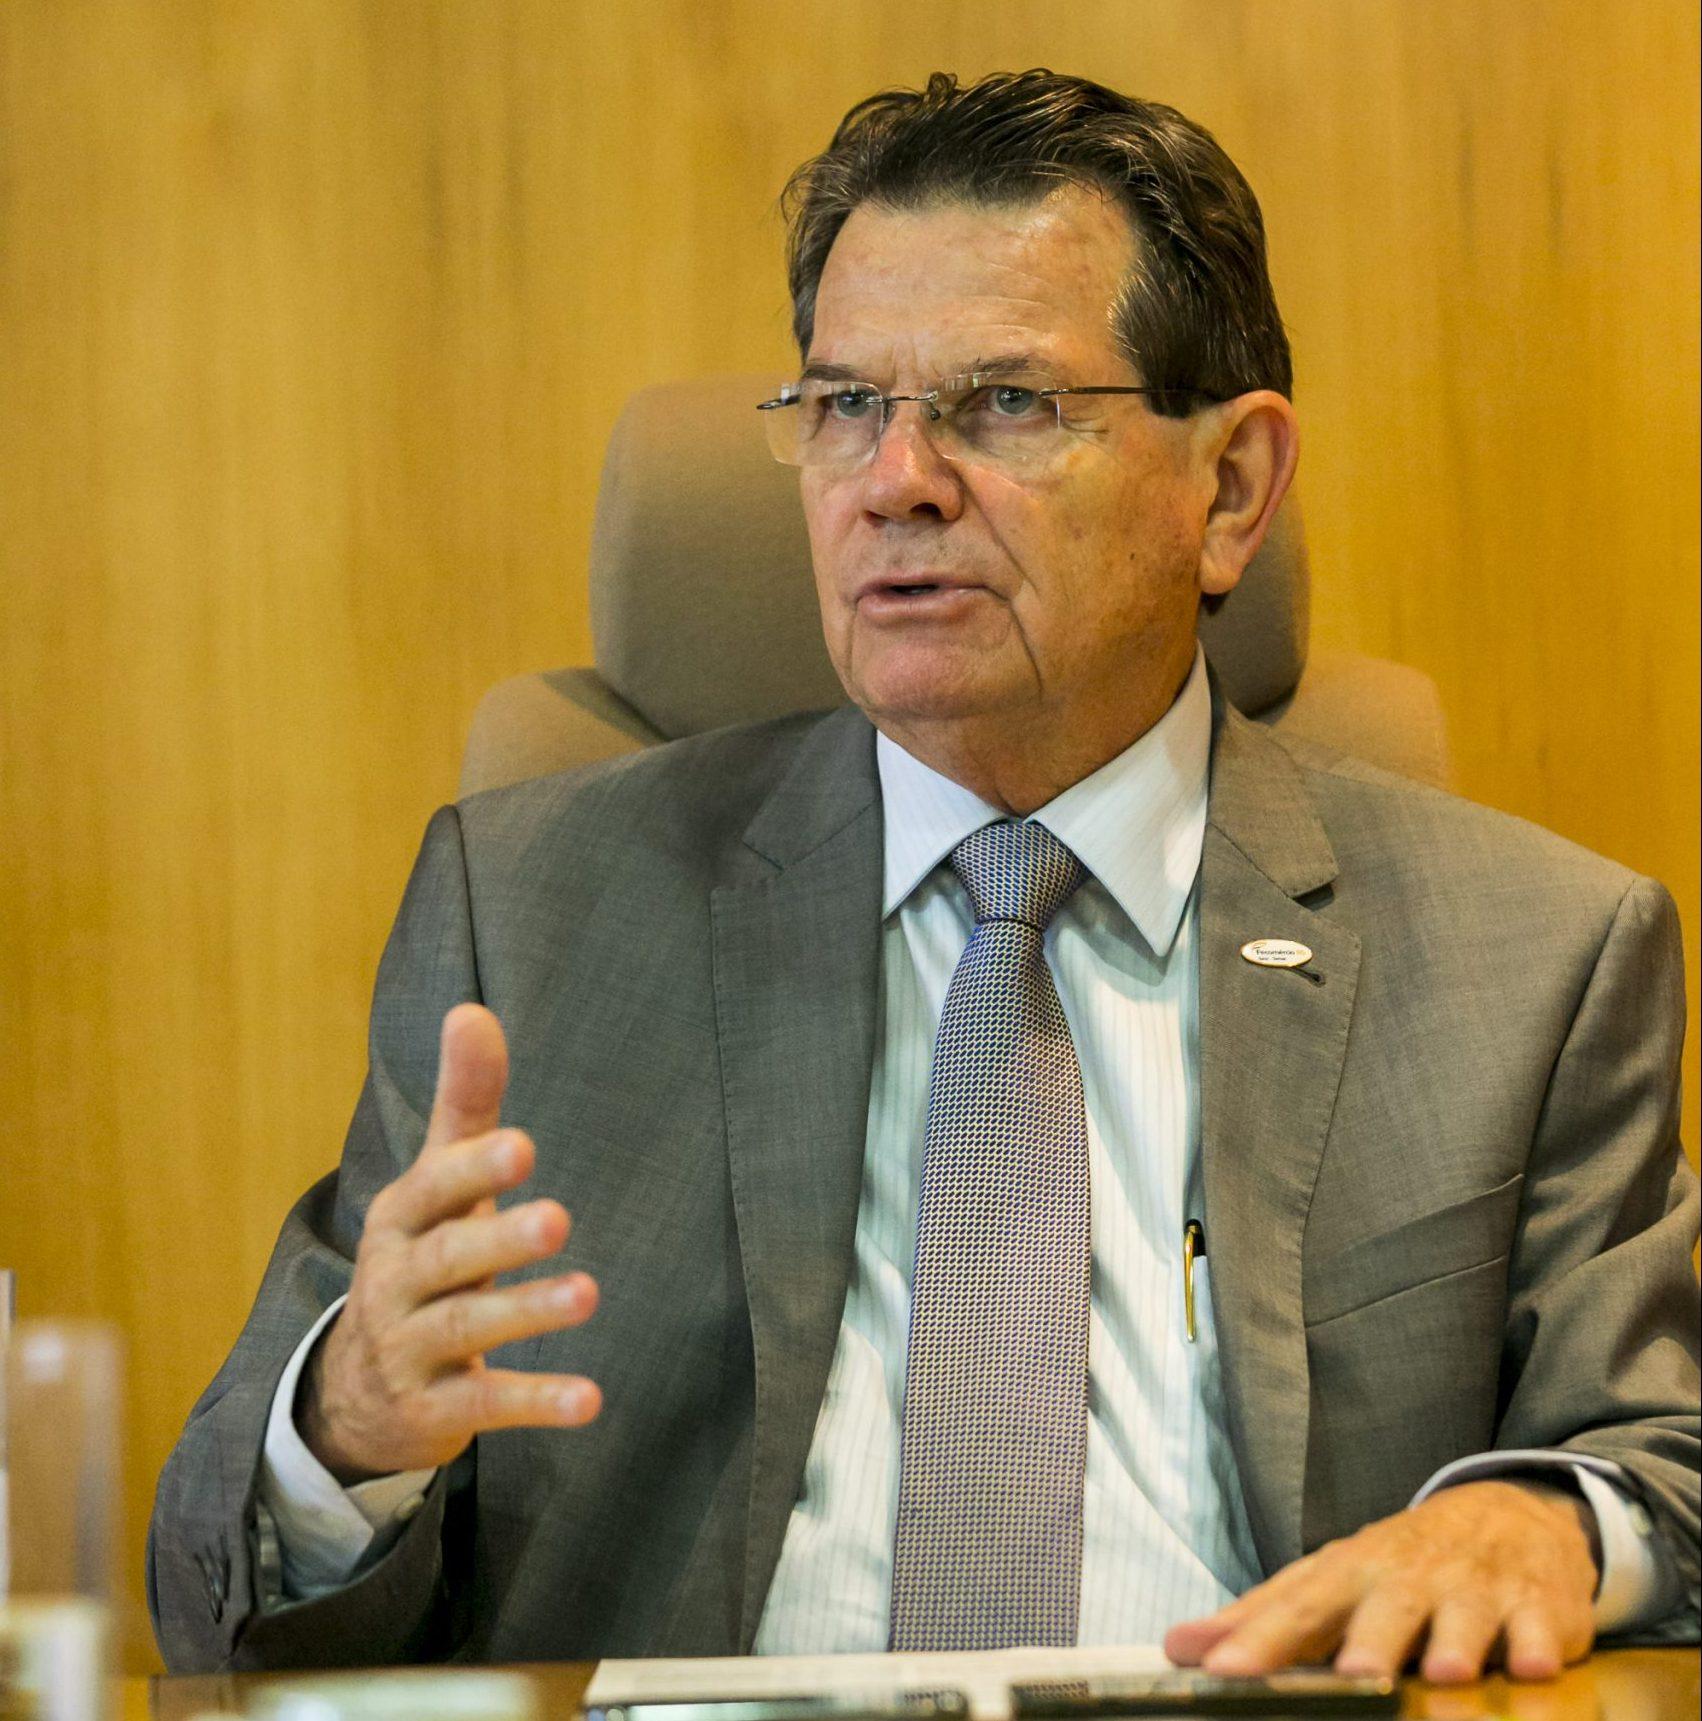 Artigo Luiz Carlos Bohn: Salvando pessoas e empresas